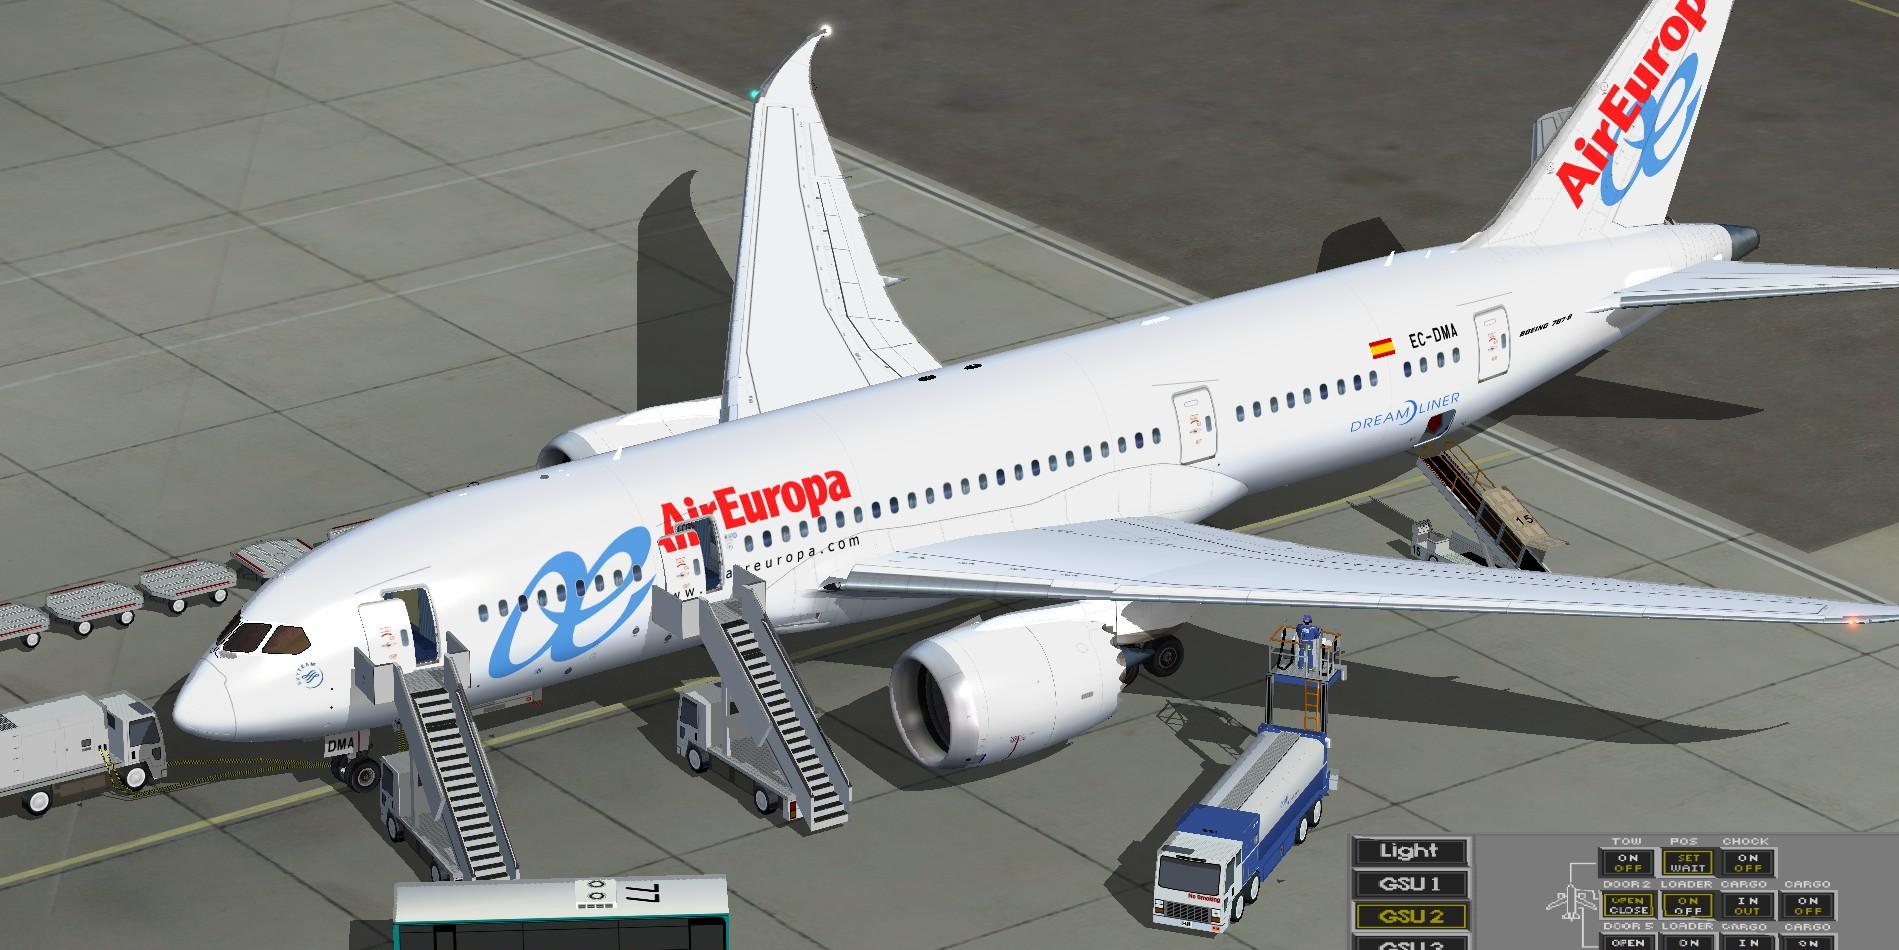 Fs fsx boeing 787 8 air europa airlines for Interior 787 air europa